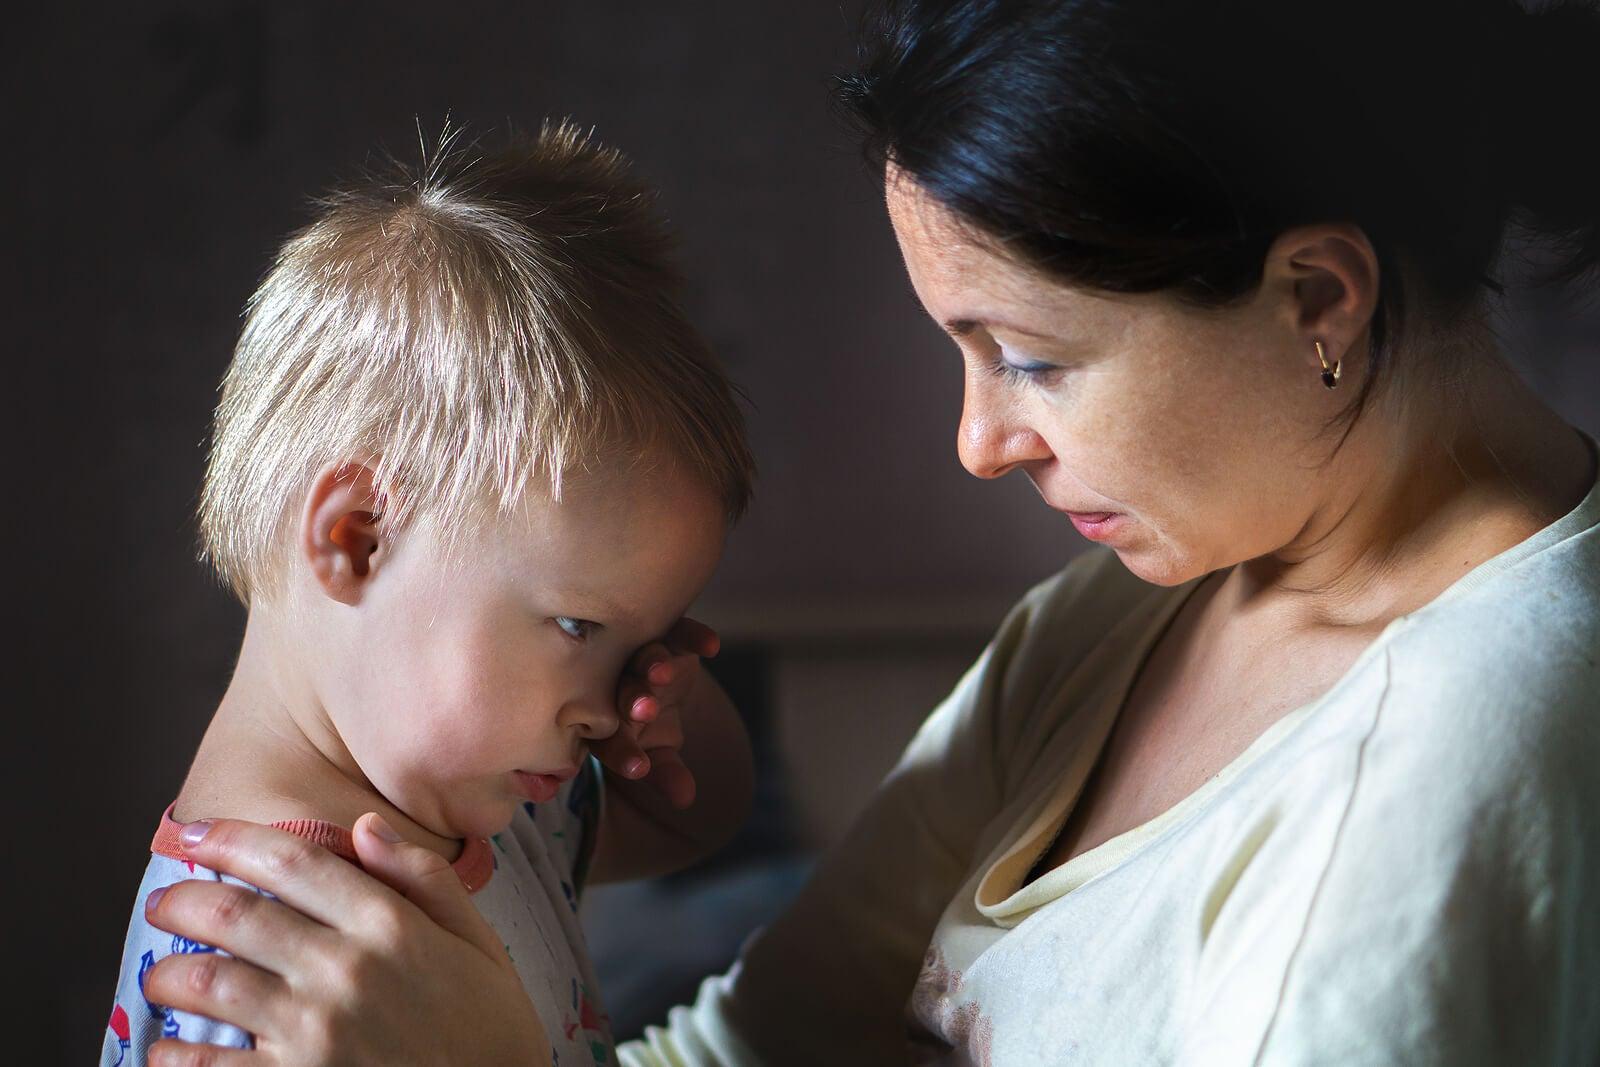 Madre hablando con su hijo para enseñarle a no ocultar las emociones negativas.